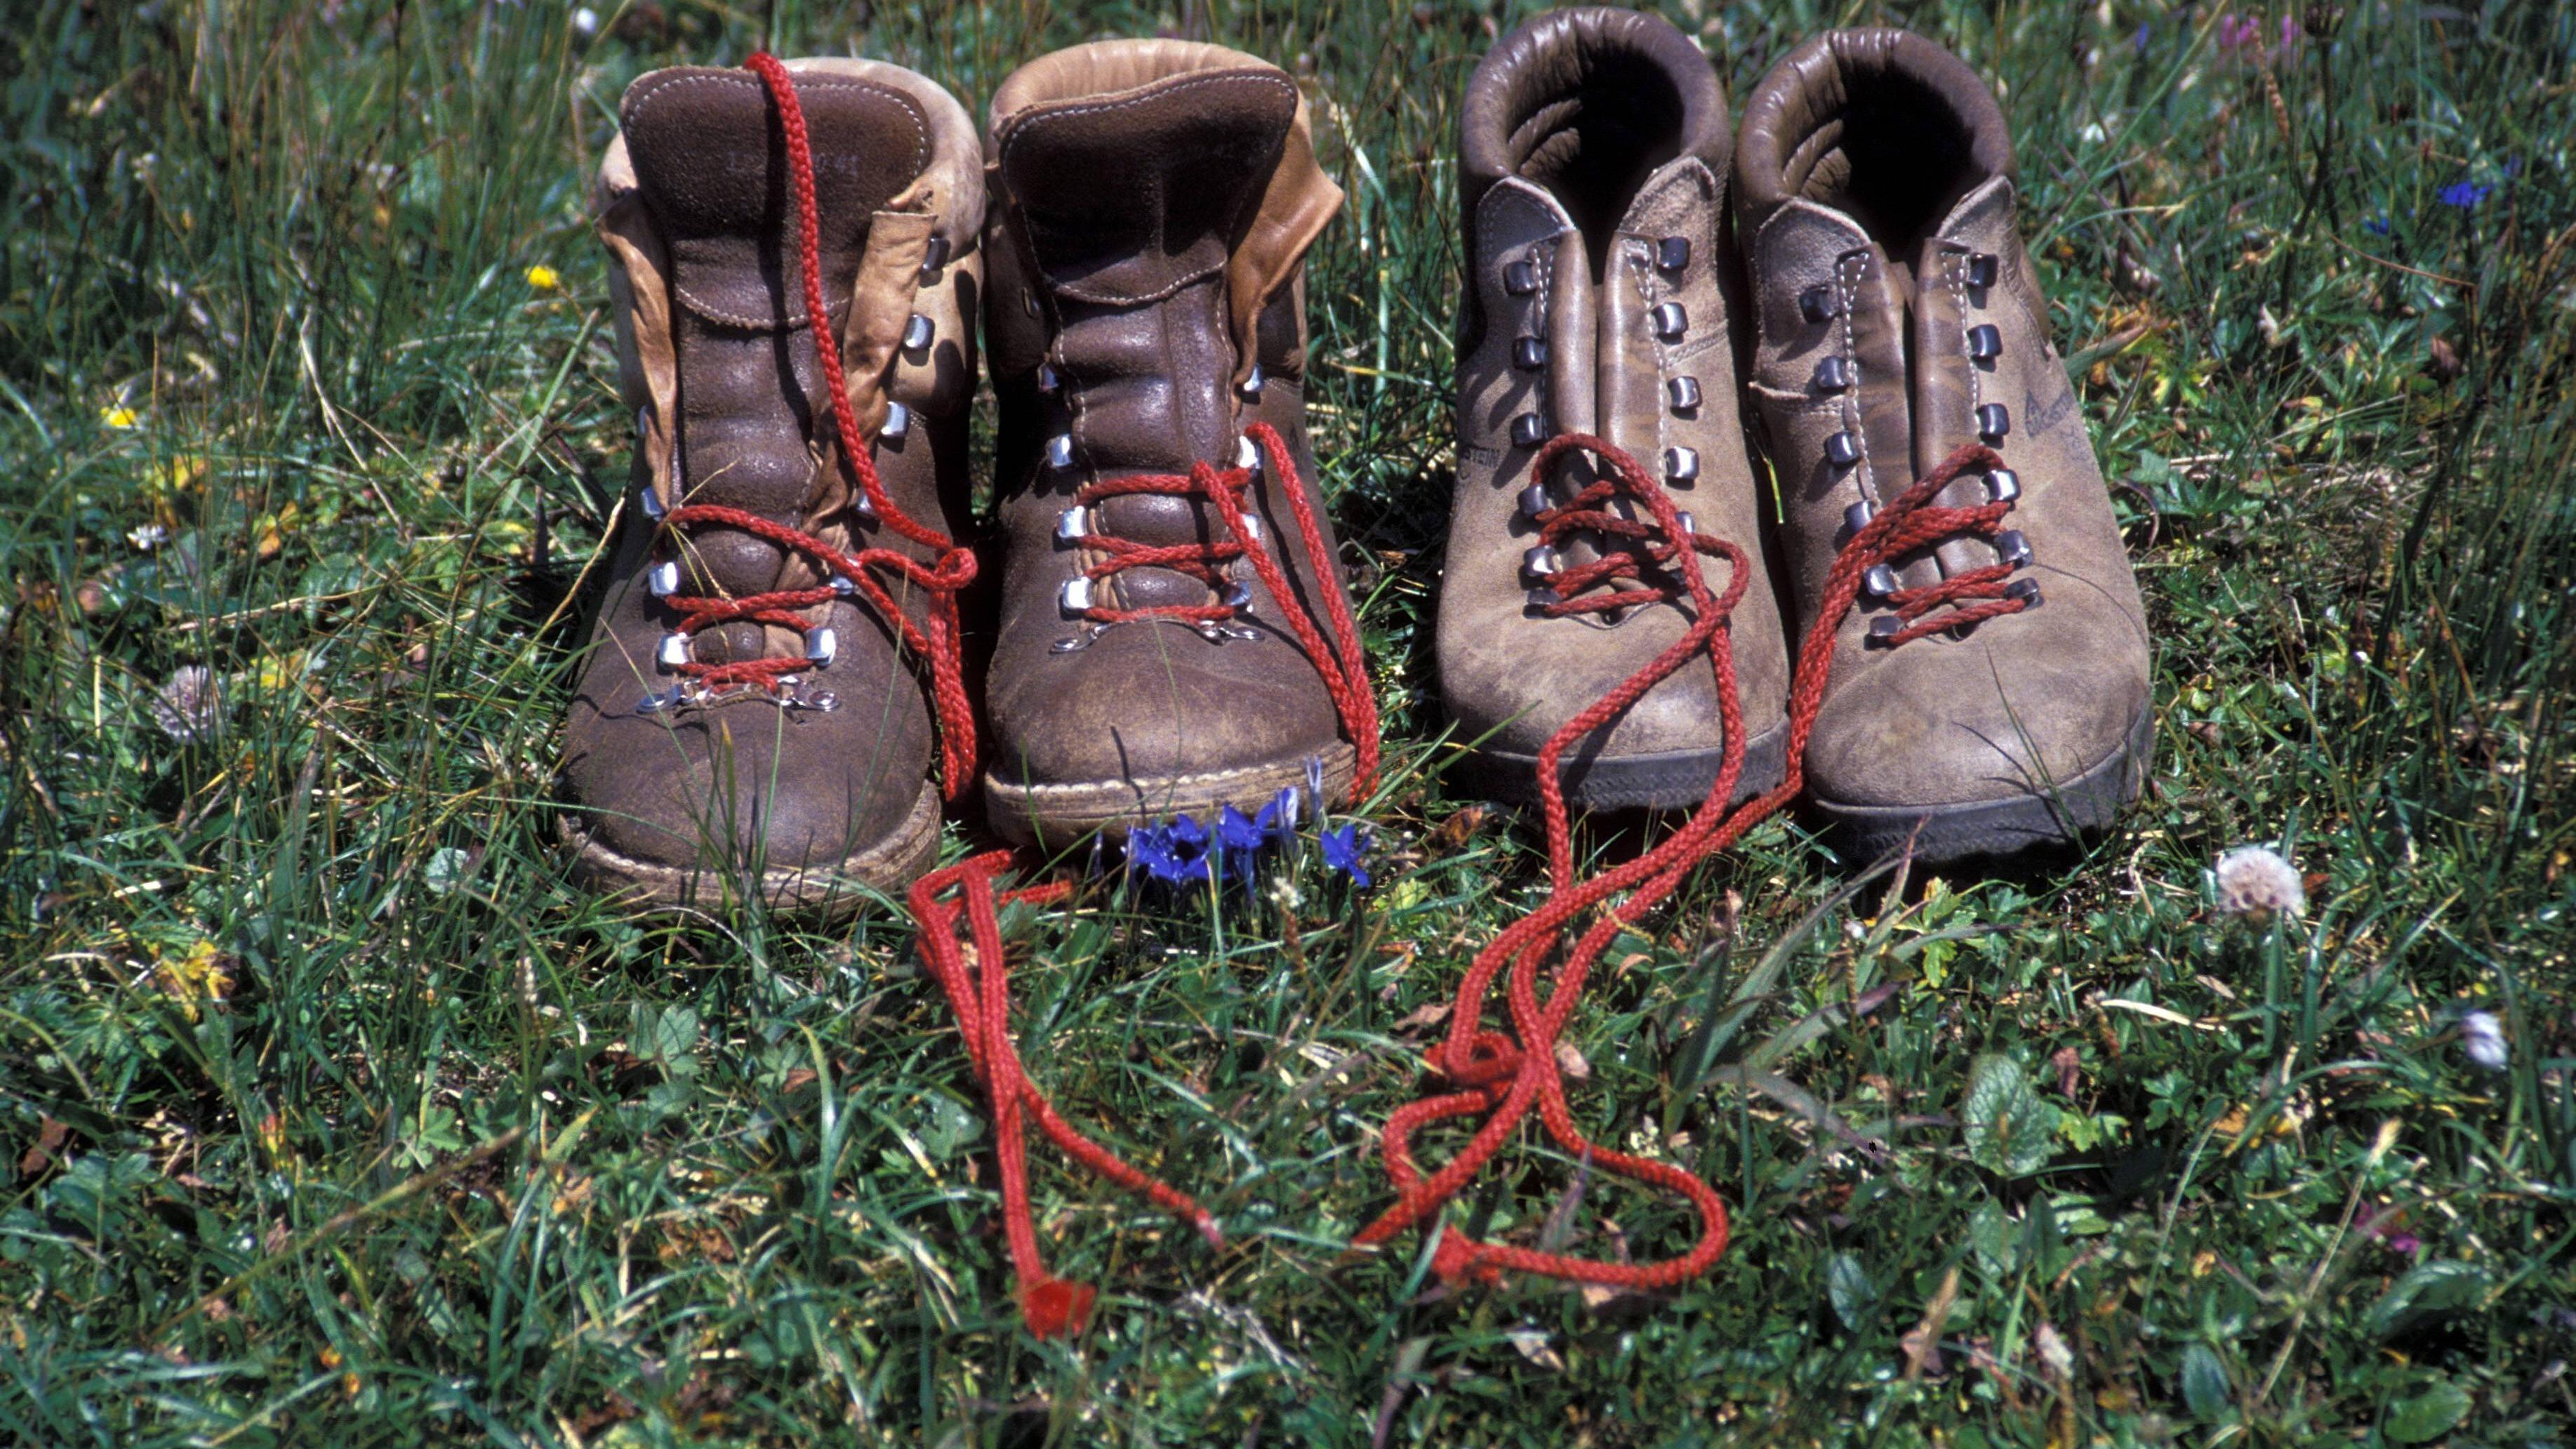 Schuhe weiten: Die besten Hausmittel gegen drückende Schuhe